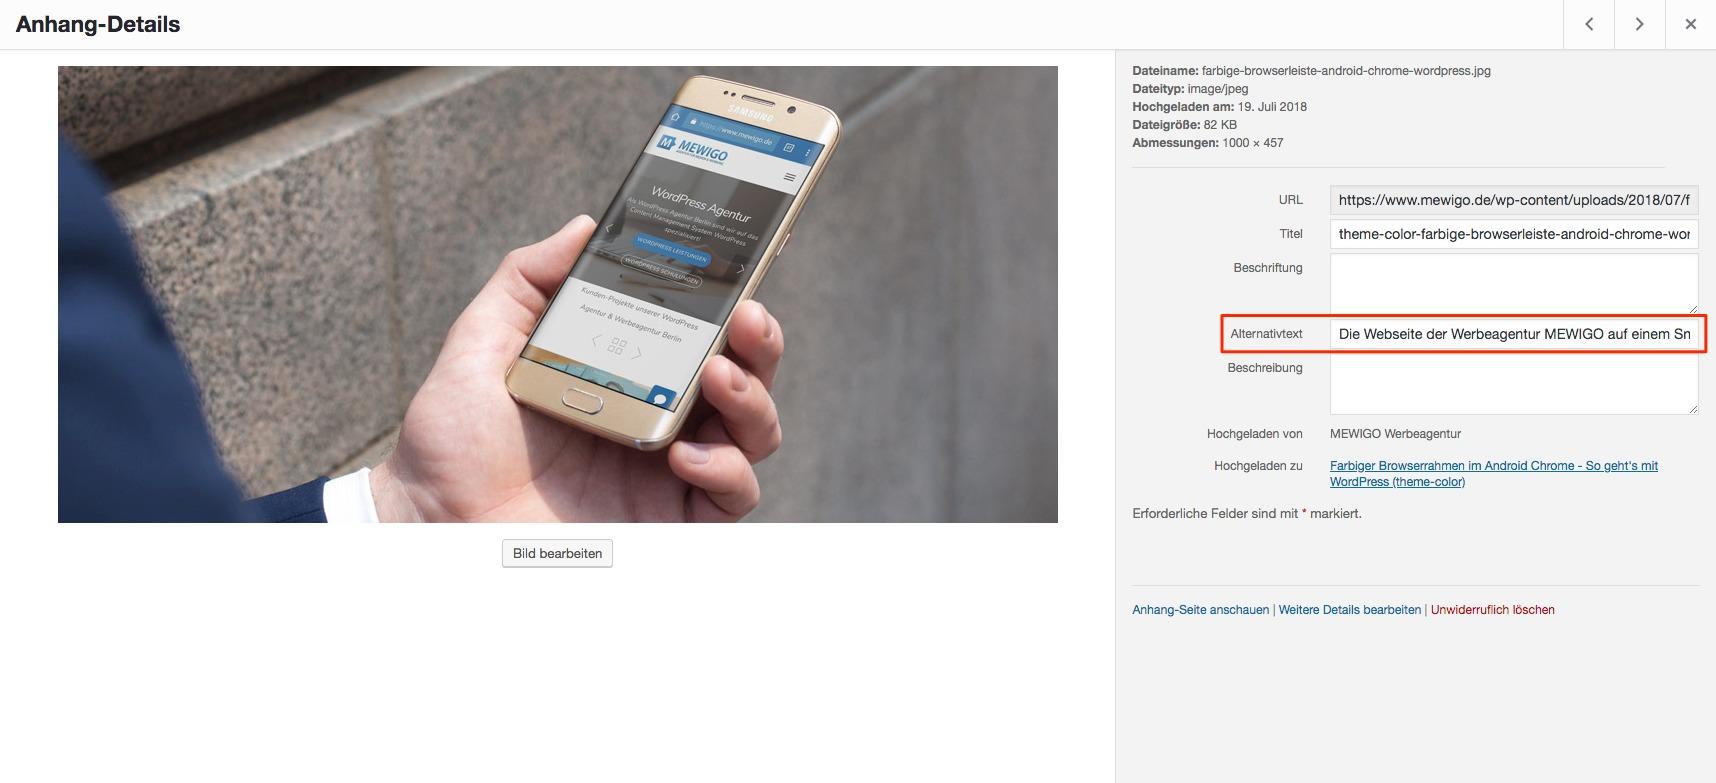 Ein Screenshot der Website der Mewigo Werbeagentur auf einem Smartphone